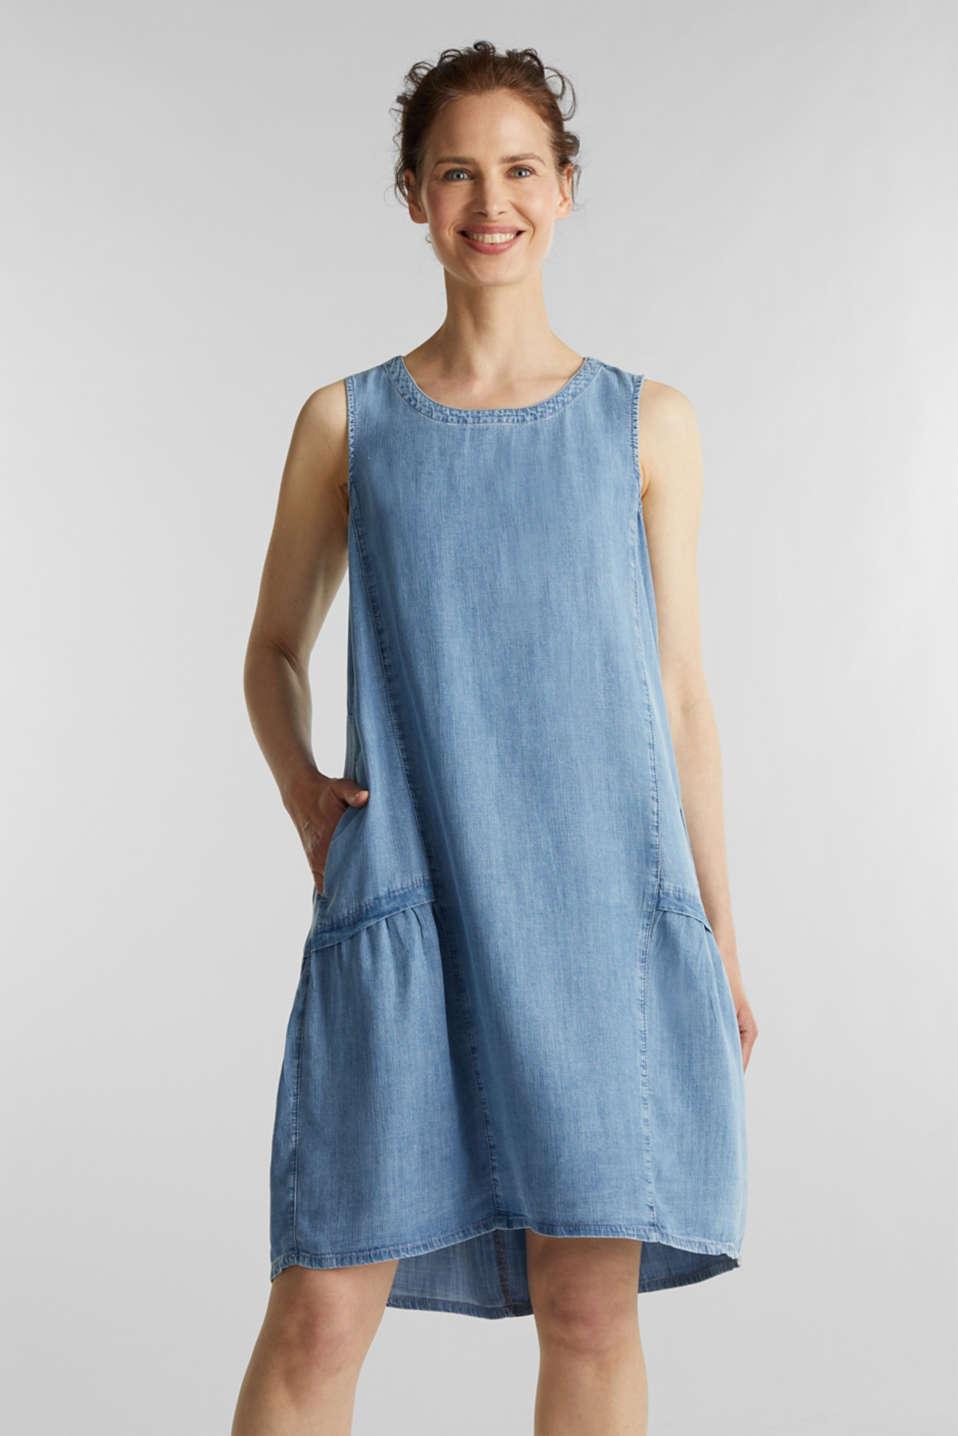 esprit - aus tencel™: kleid im denim-look im online shop kaufen